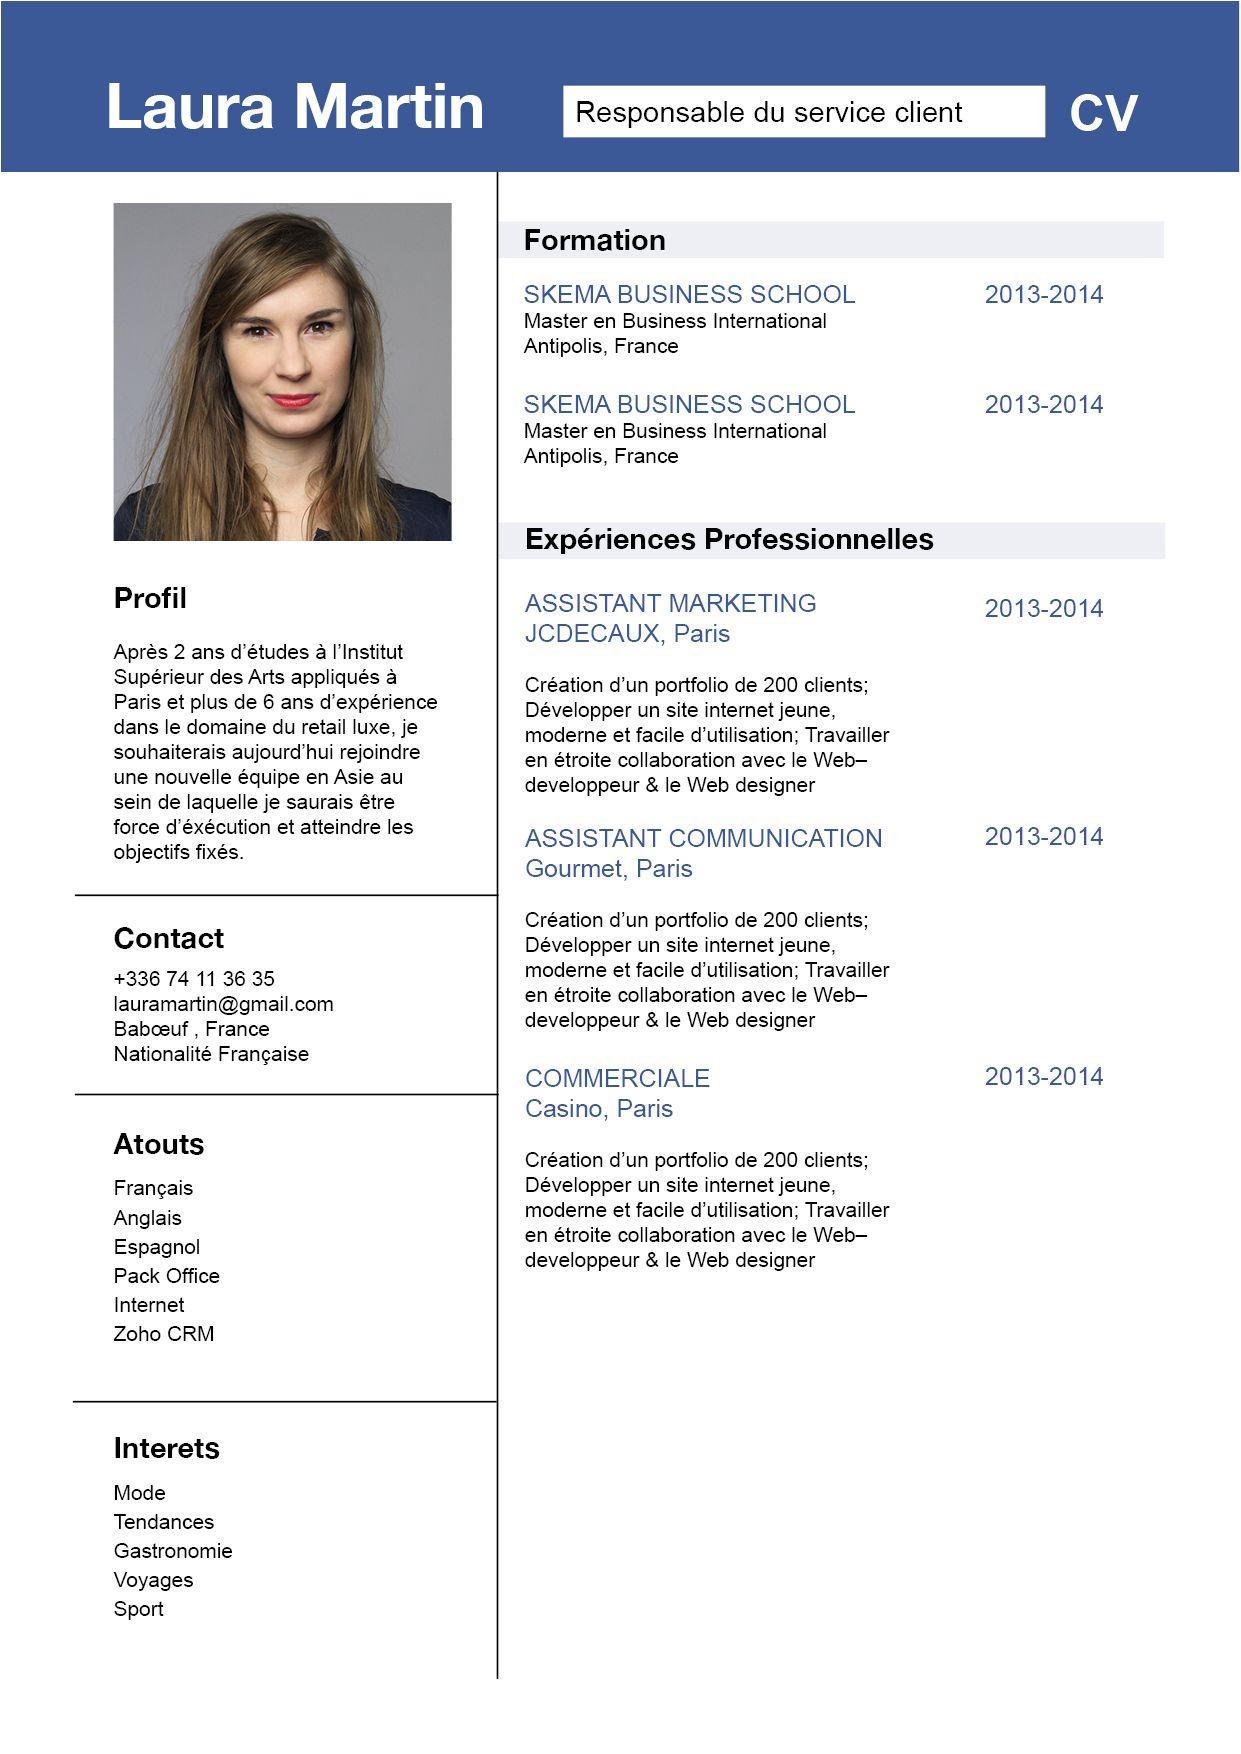 Civil Ce Cv Va Droit Au But Les Informations Sont Bien Mises En Valeur Job Hunting Visiting Cards Job